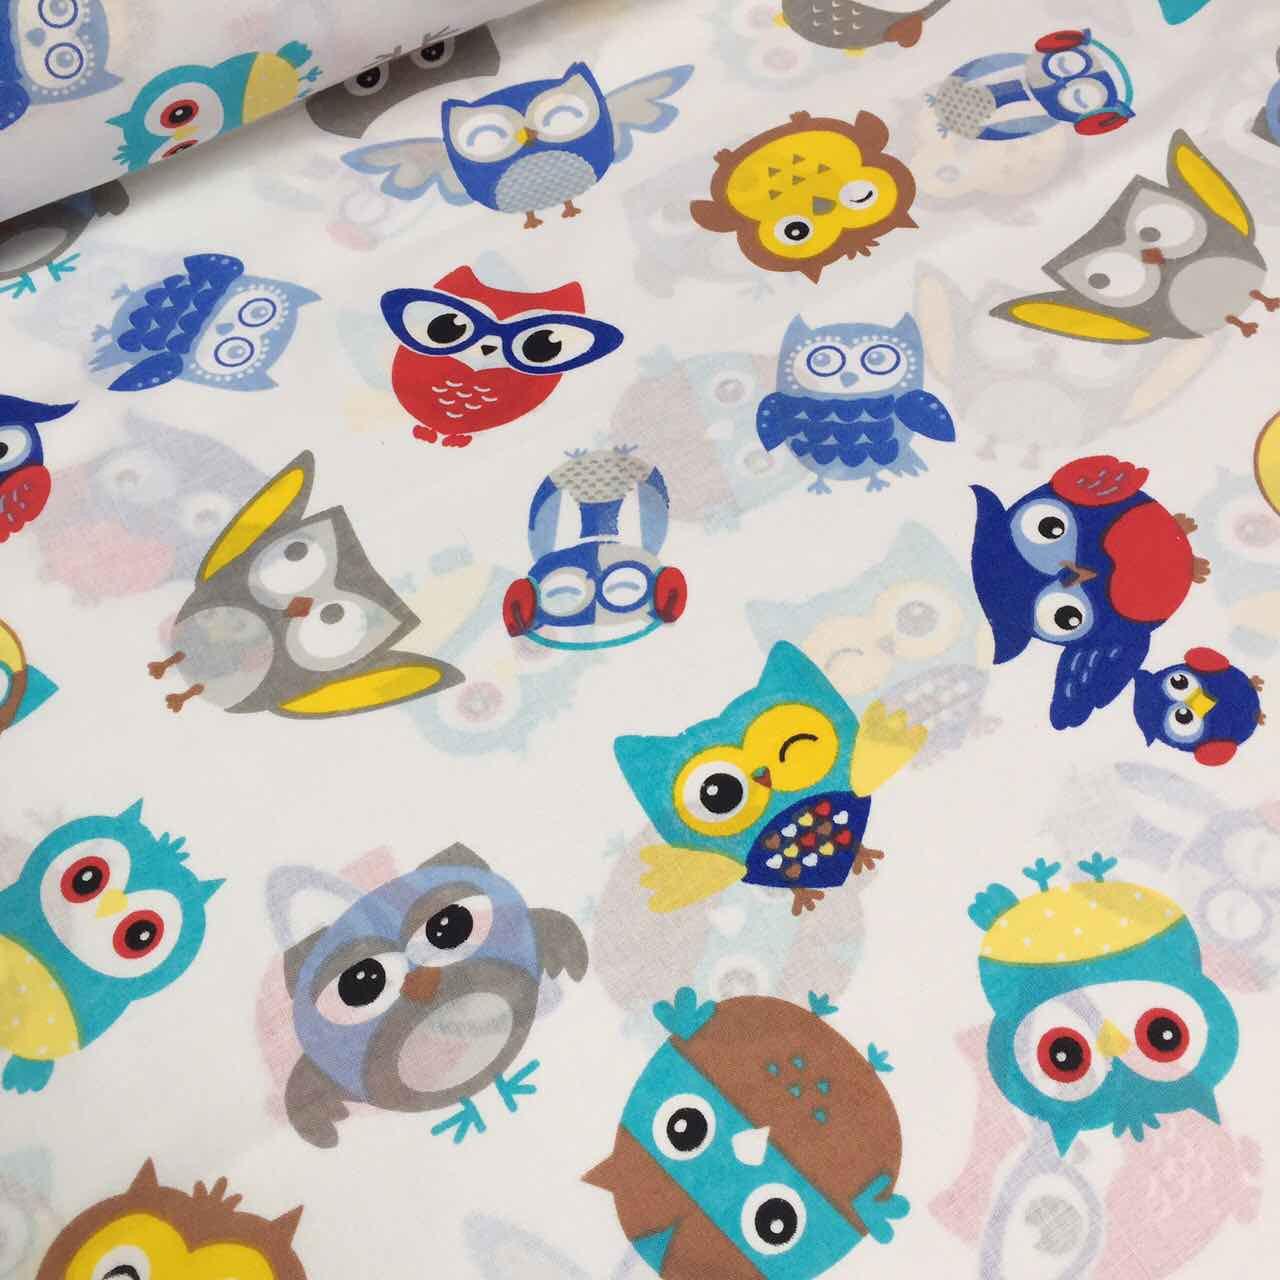 1c06729795150 Польский хлопок ткань с разнообразными совами серо-голубого цвета №548 -  Интернет-магазин